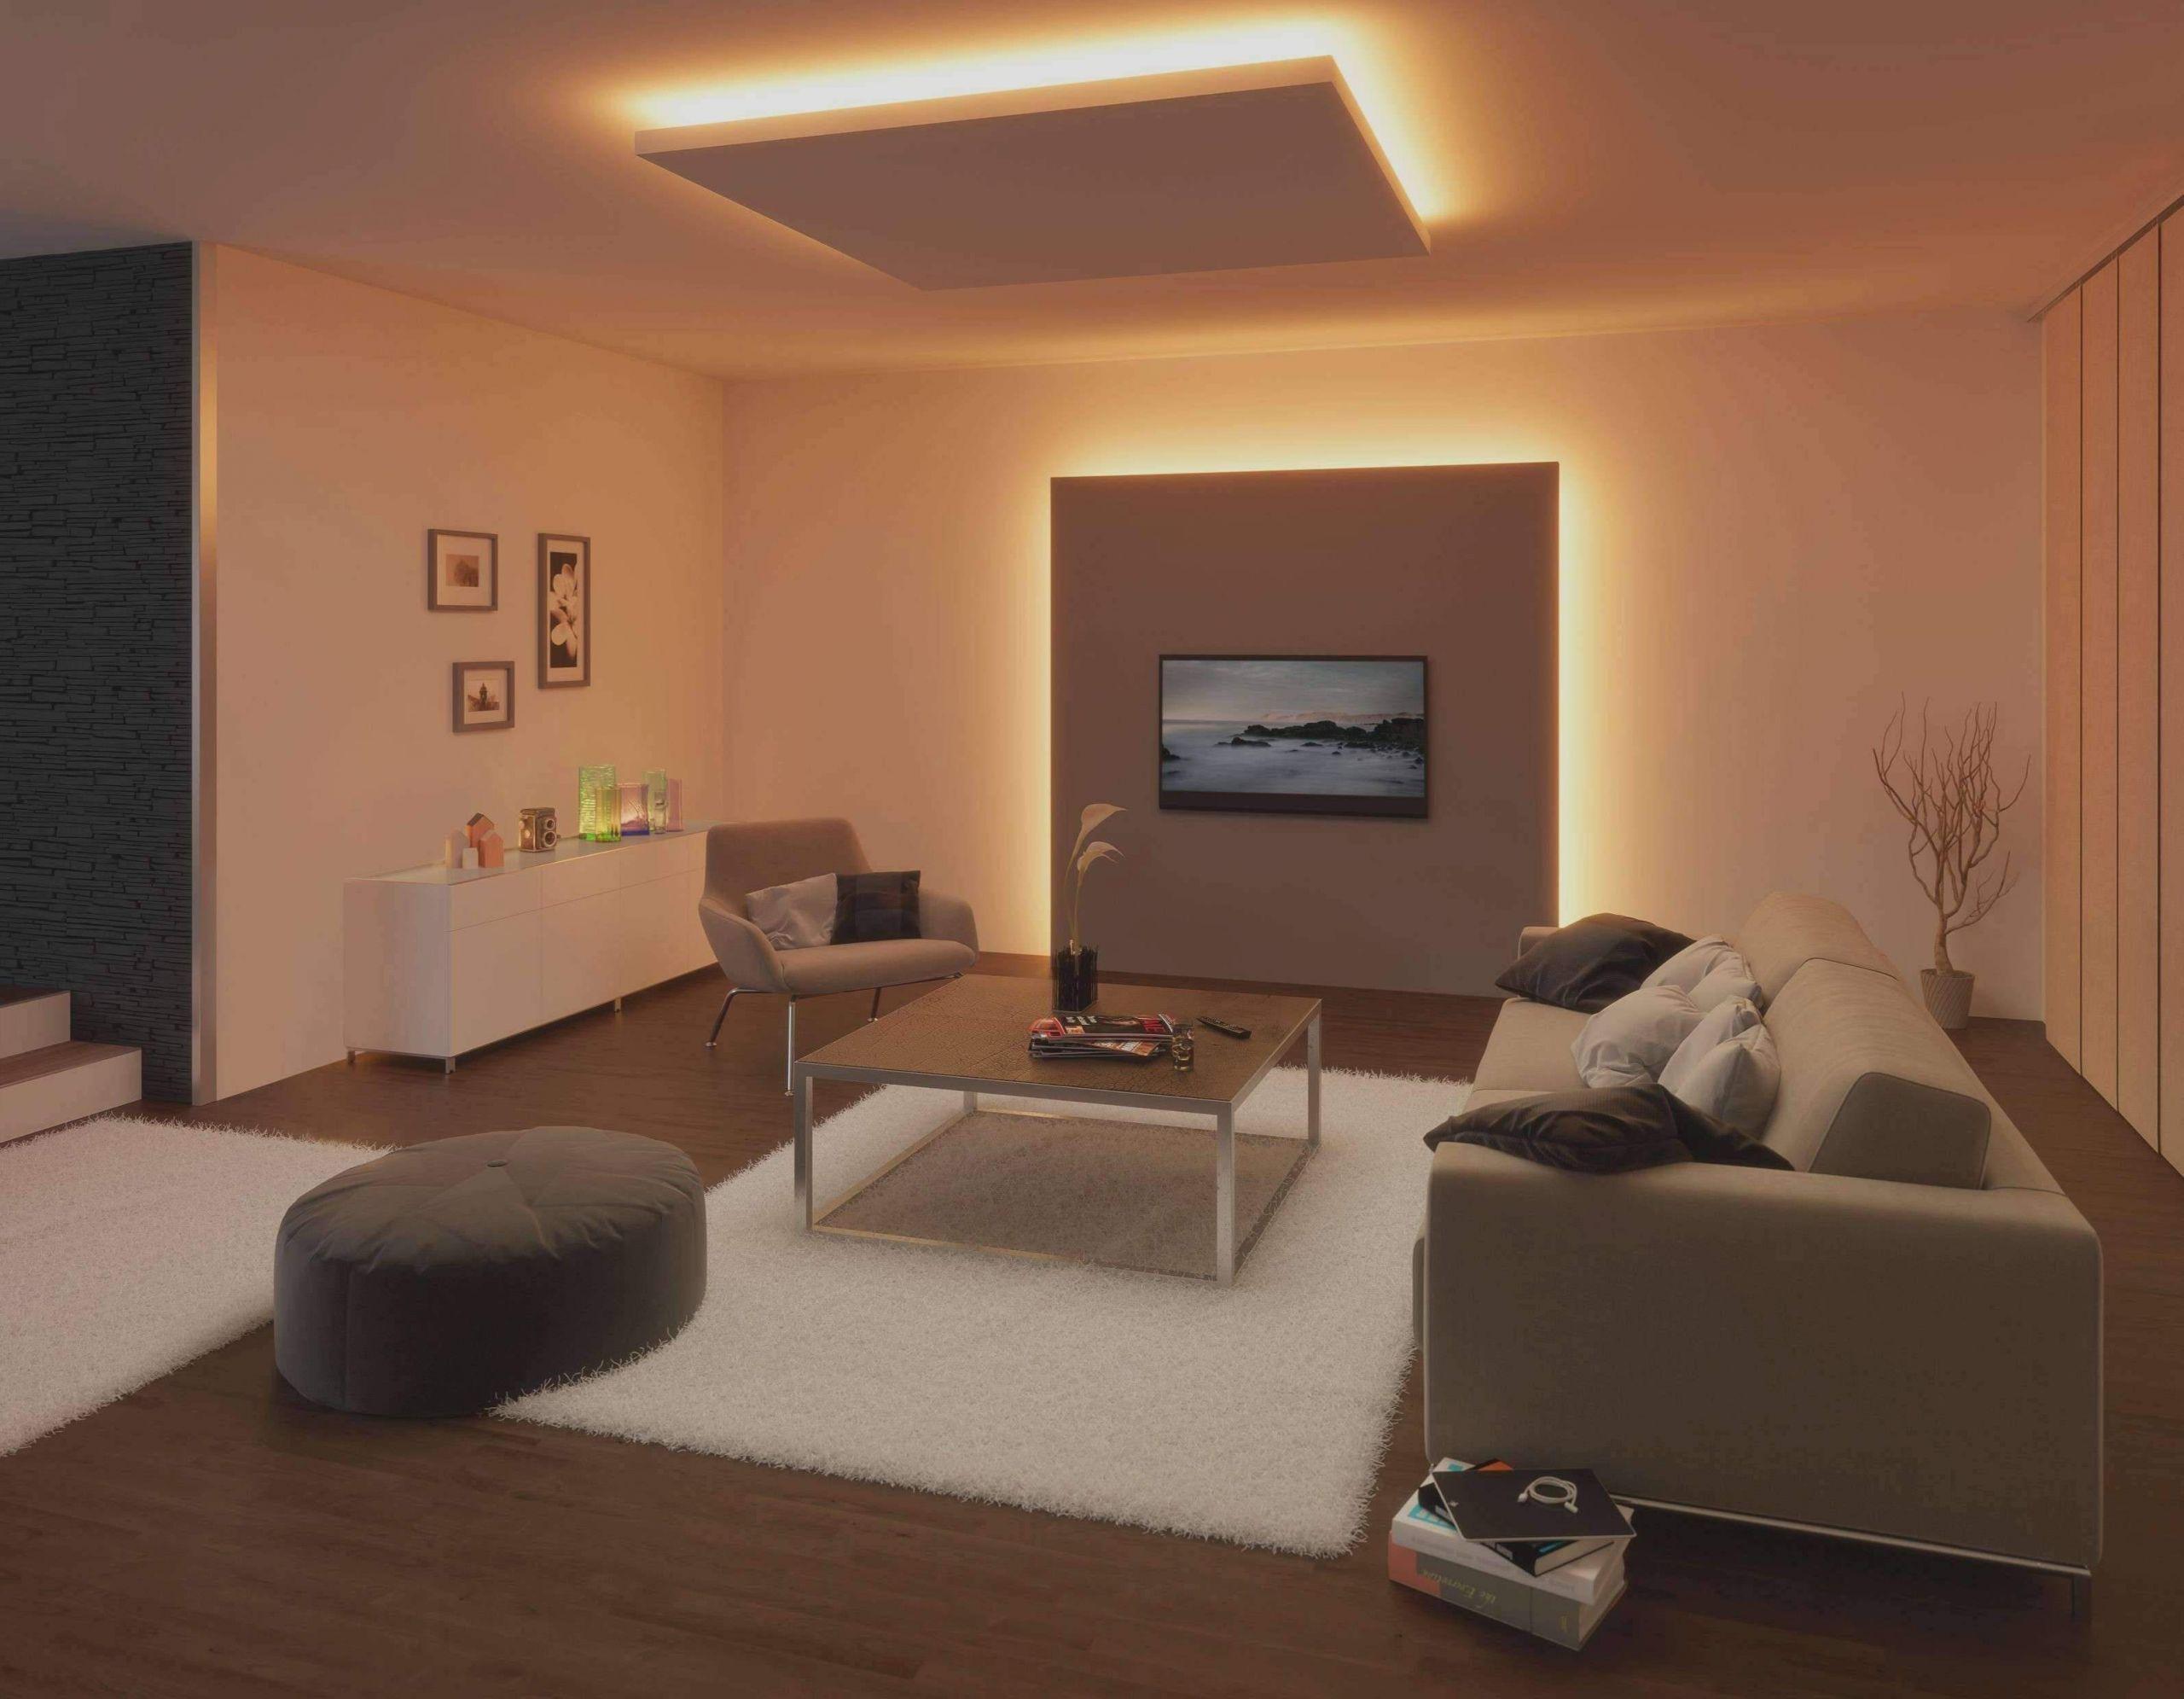 grau grun wohnzimmer luxus lampe uber badezimmerspiegel of grau grun wohnzimmer scaled